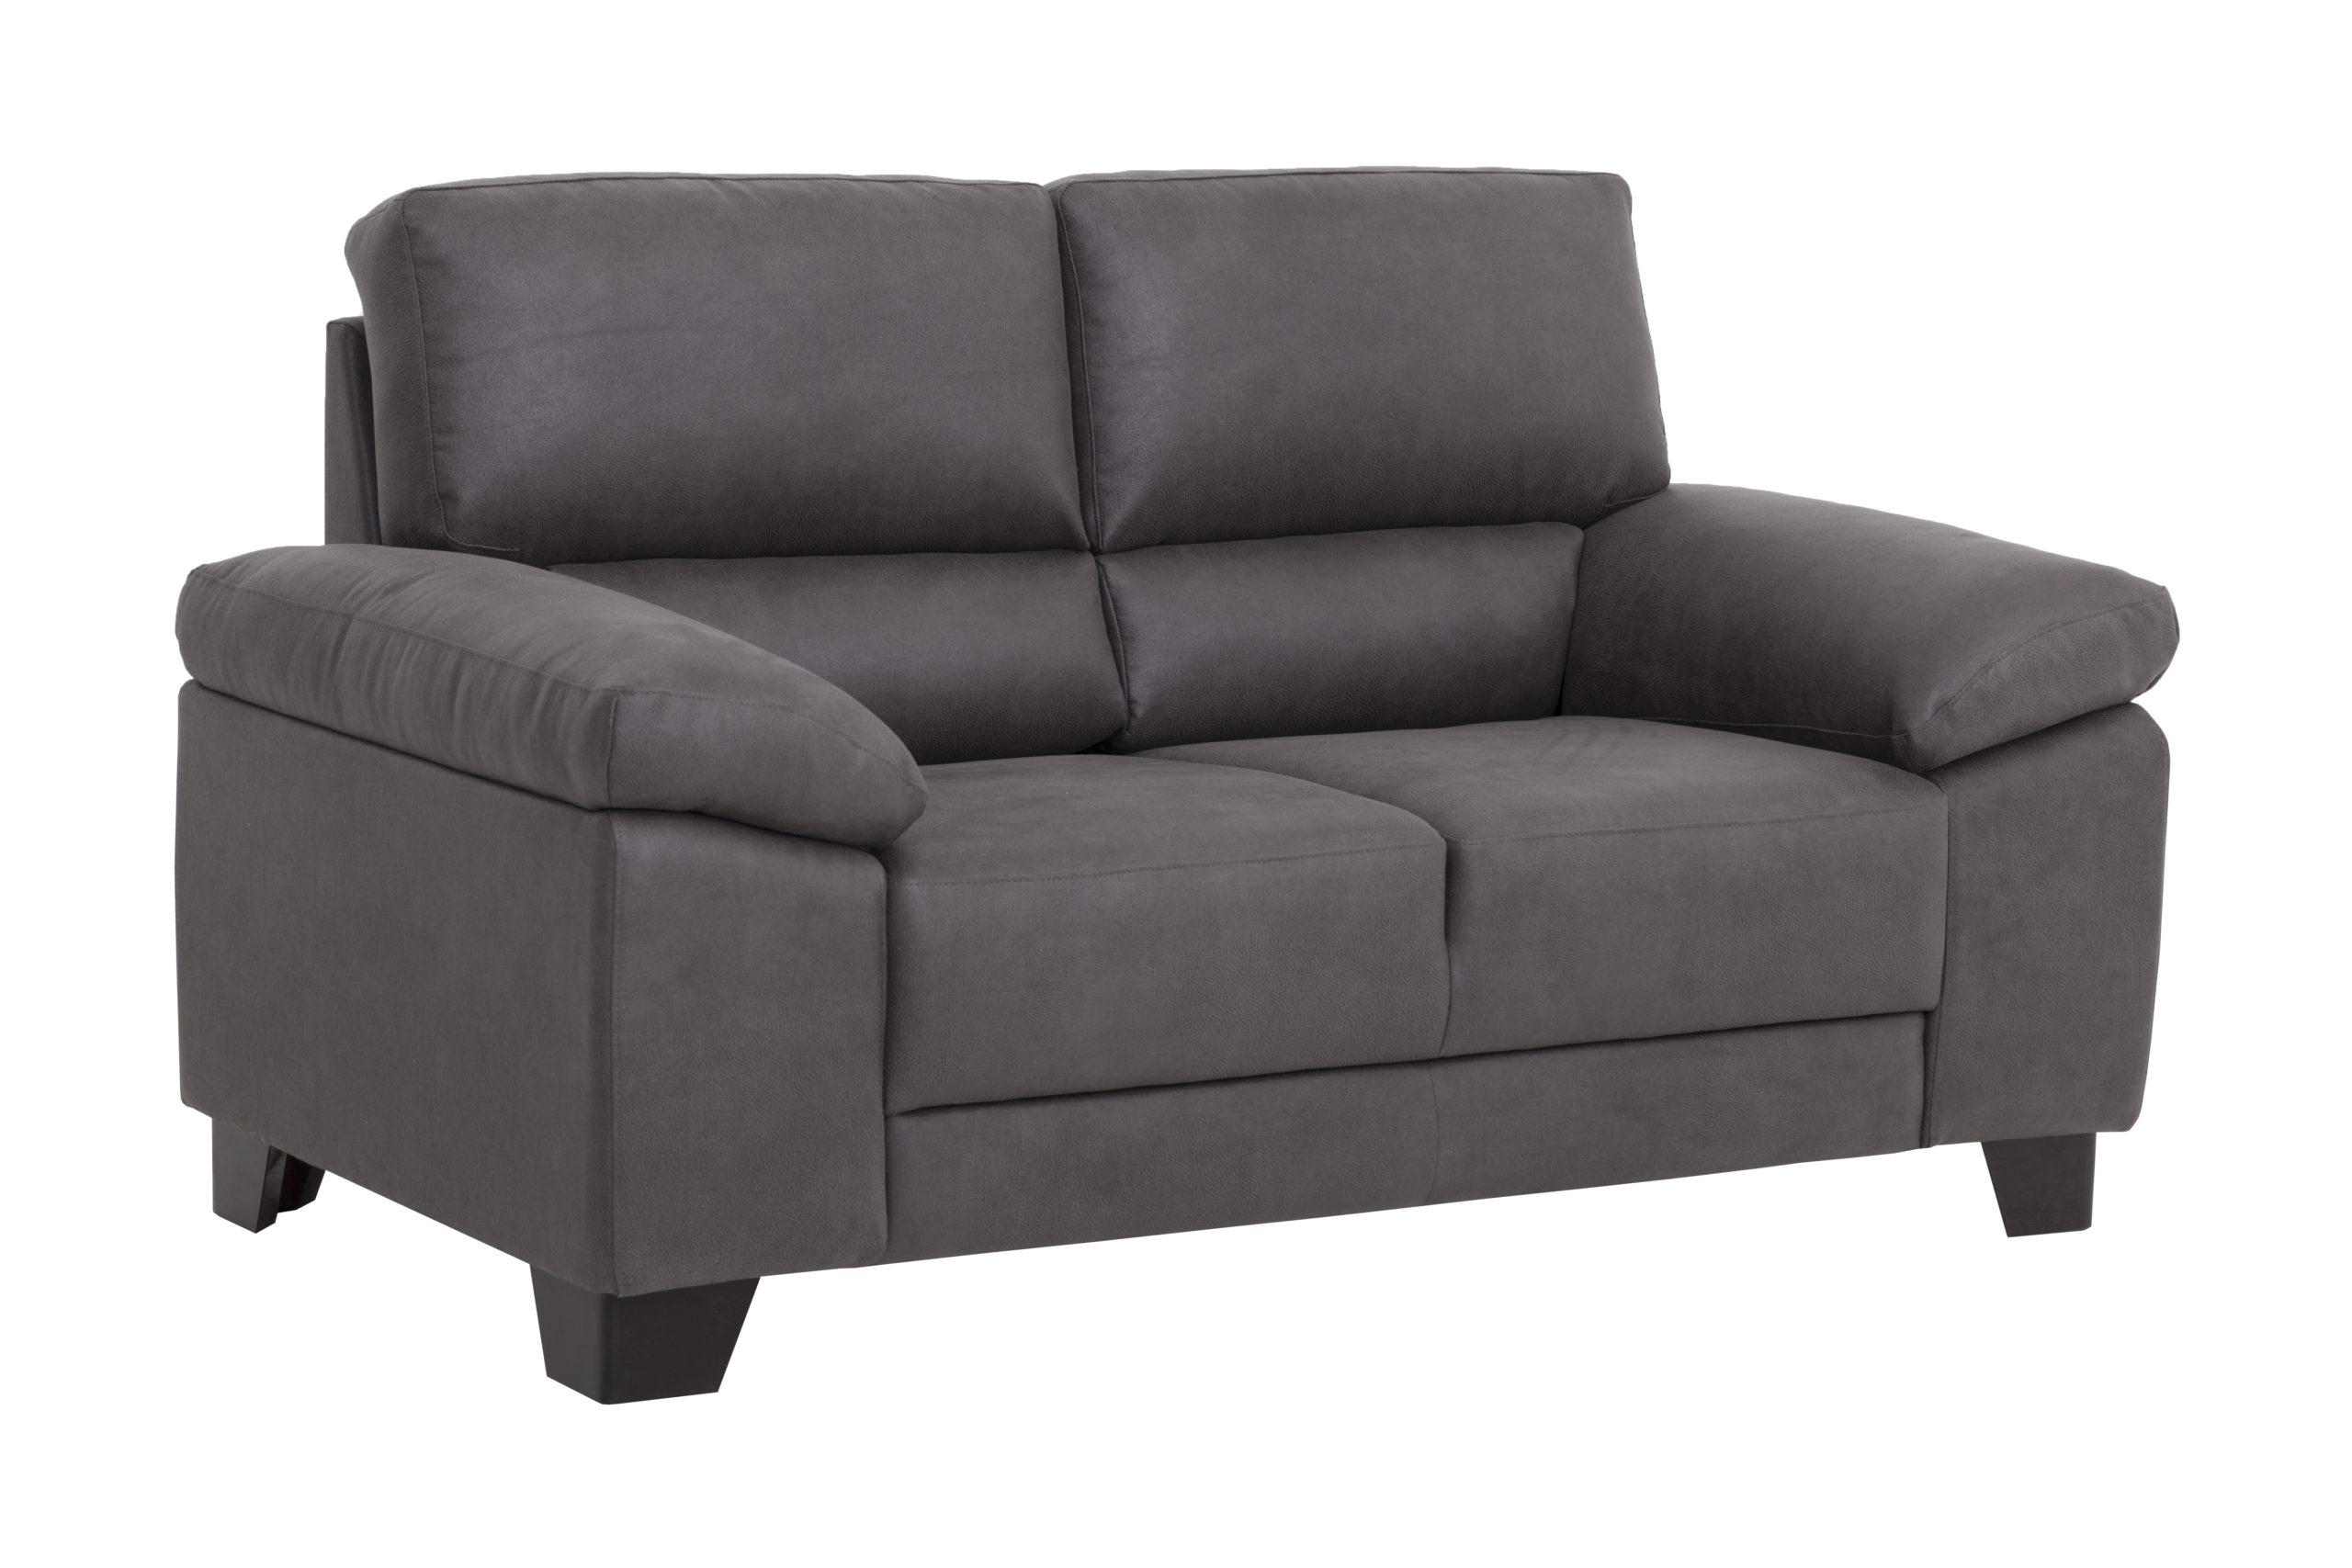 Pinja 2 sohva, Relax kankaalla Noronen, laatusohvien